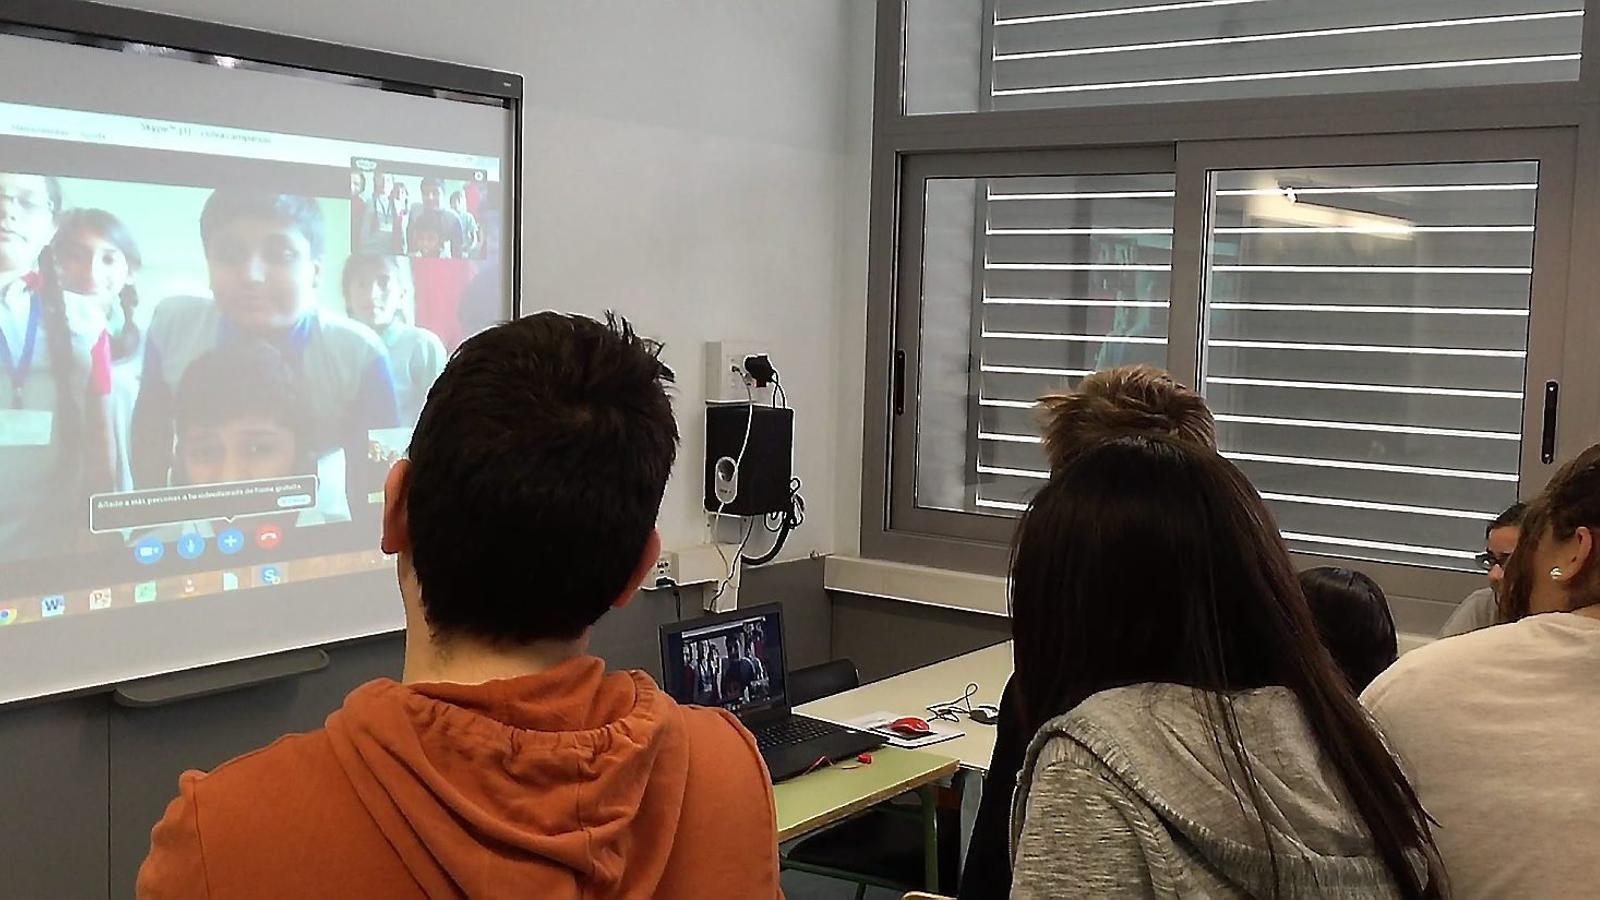 Escoles globals: alumnes que canvien el món